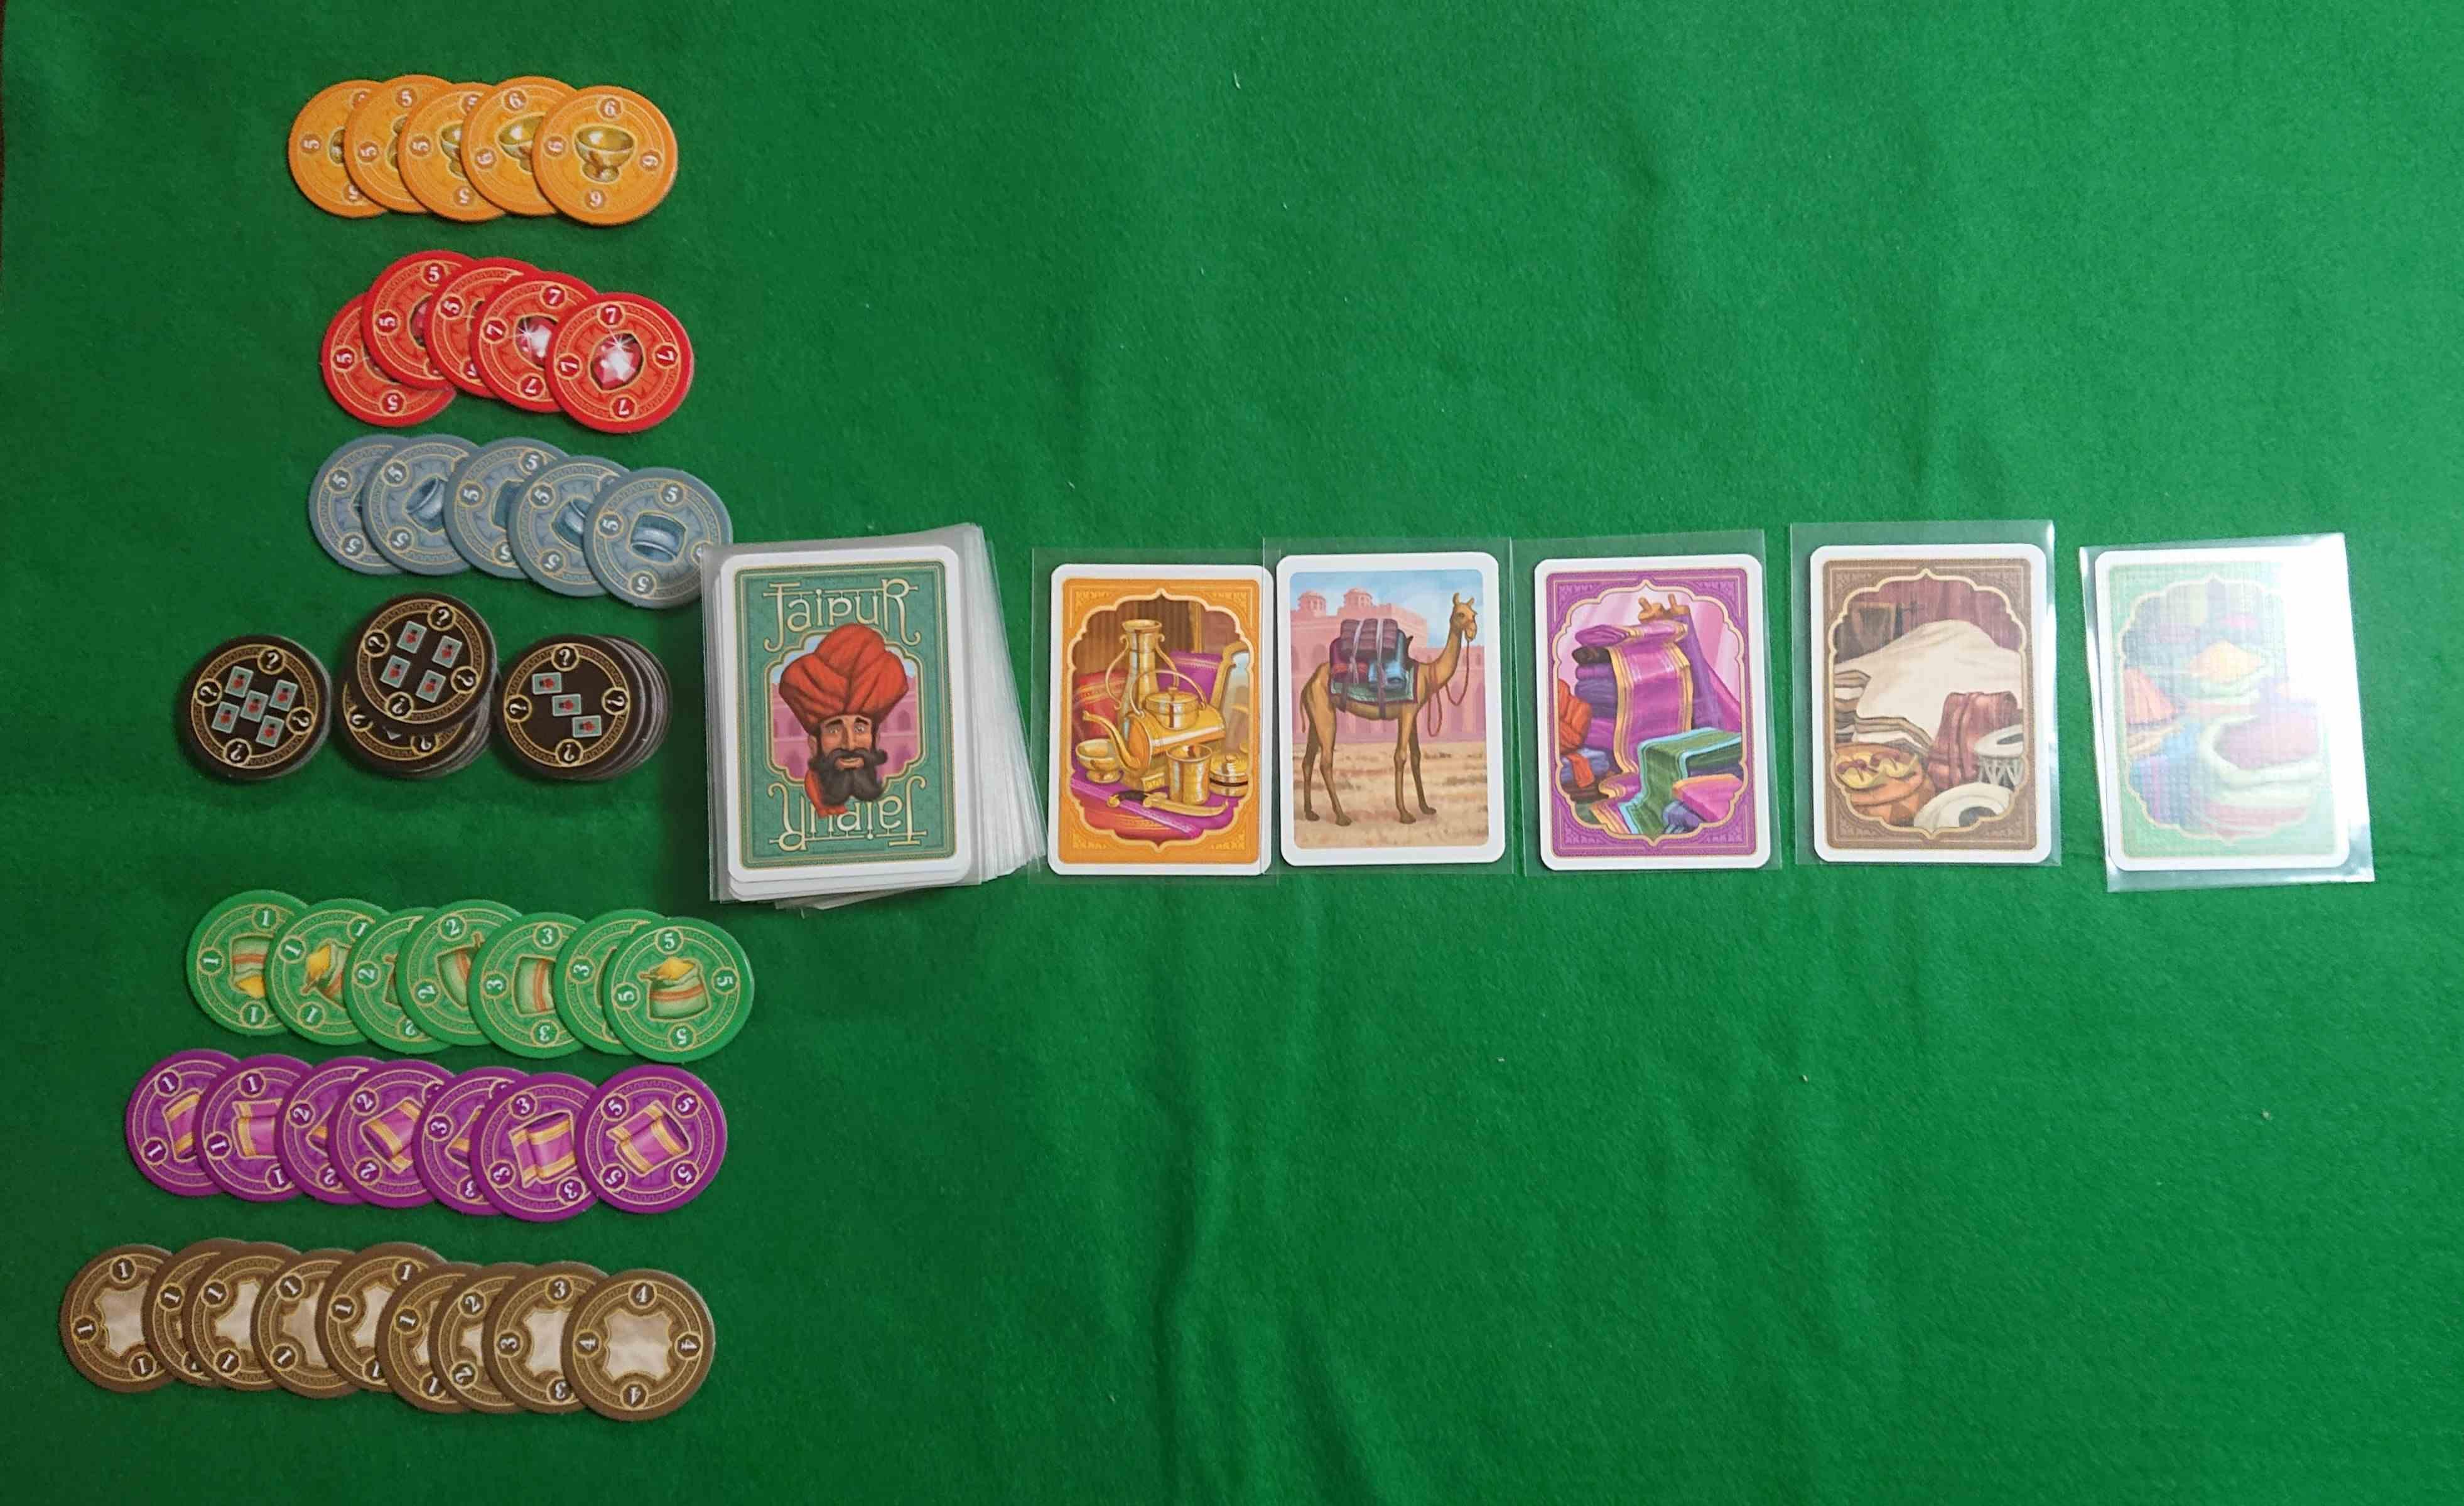 ジャイプル 傑作カードゲーム マハラジャの商人としてお金を稼げ! ルール説明 ボードゲーム